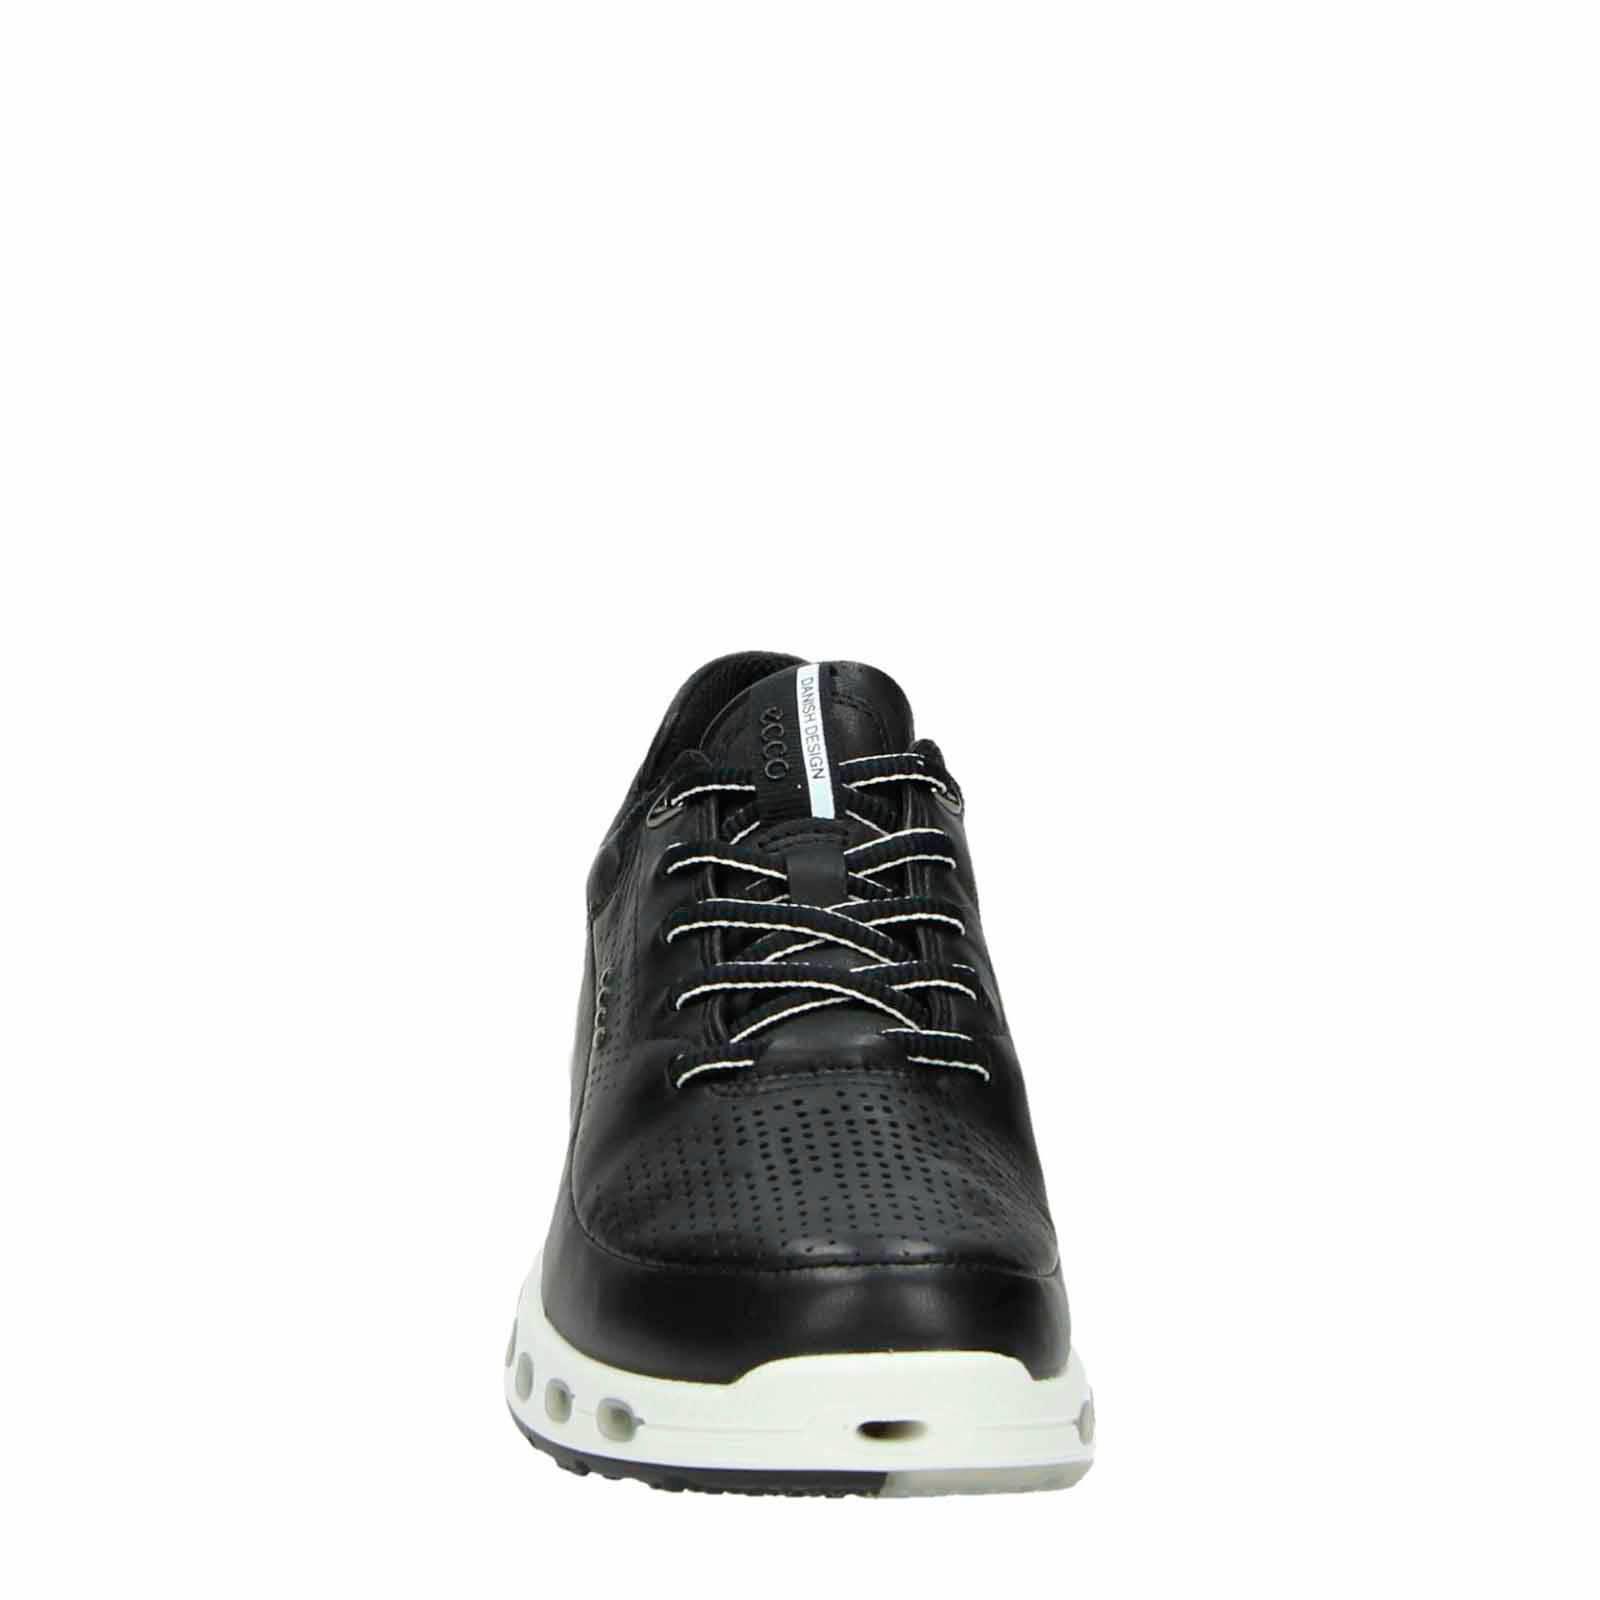 Ecco leren sneakers Cool 2.0 zwart | wehkamp